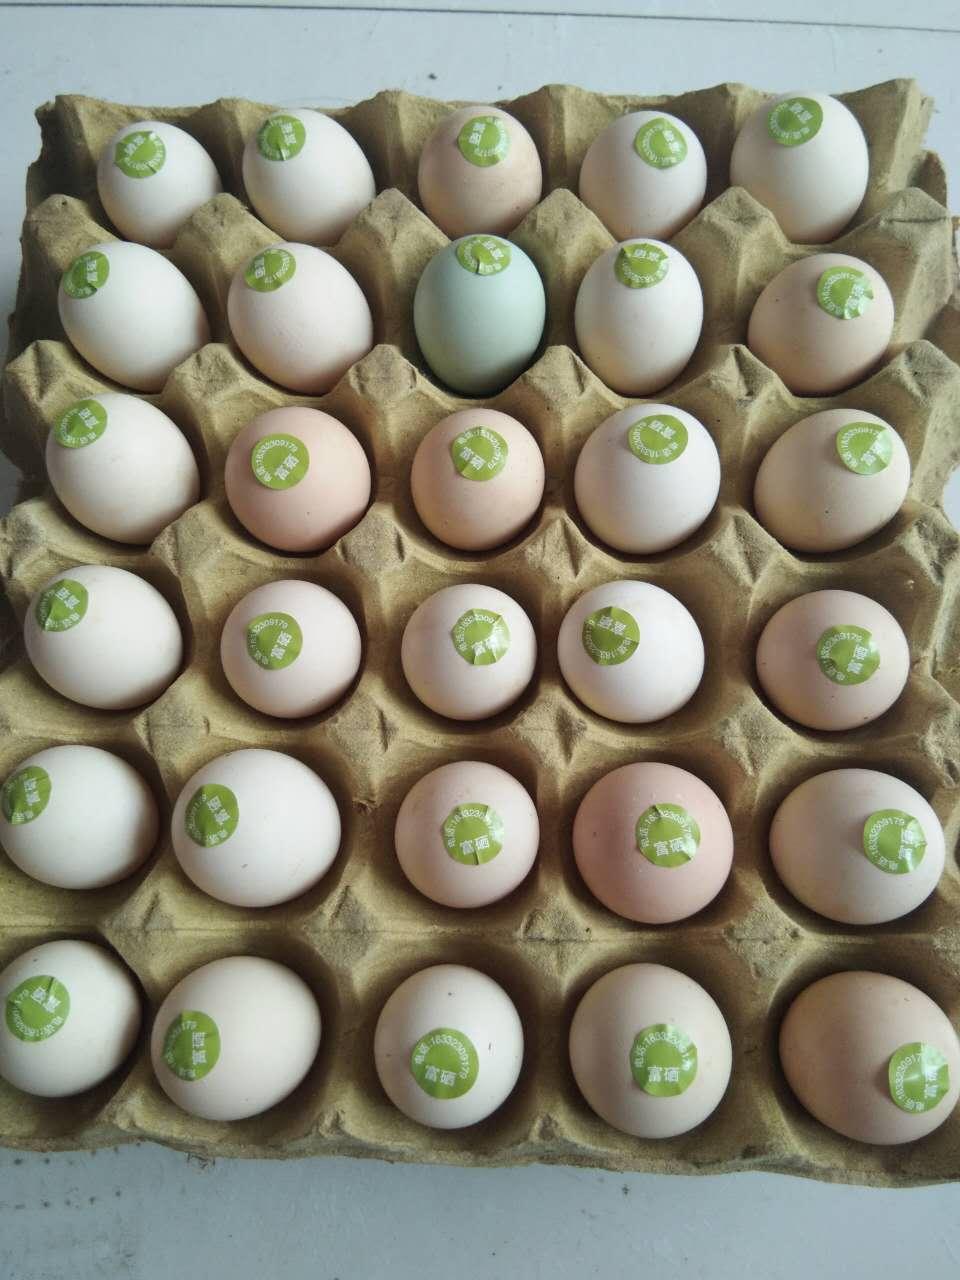 无抗富硒鸡蛋